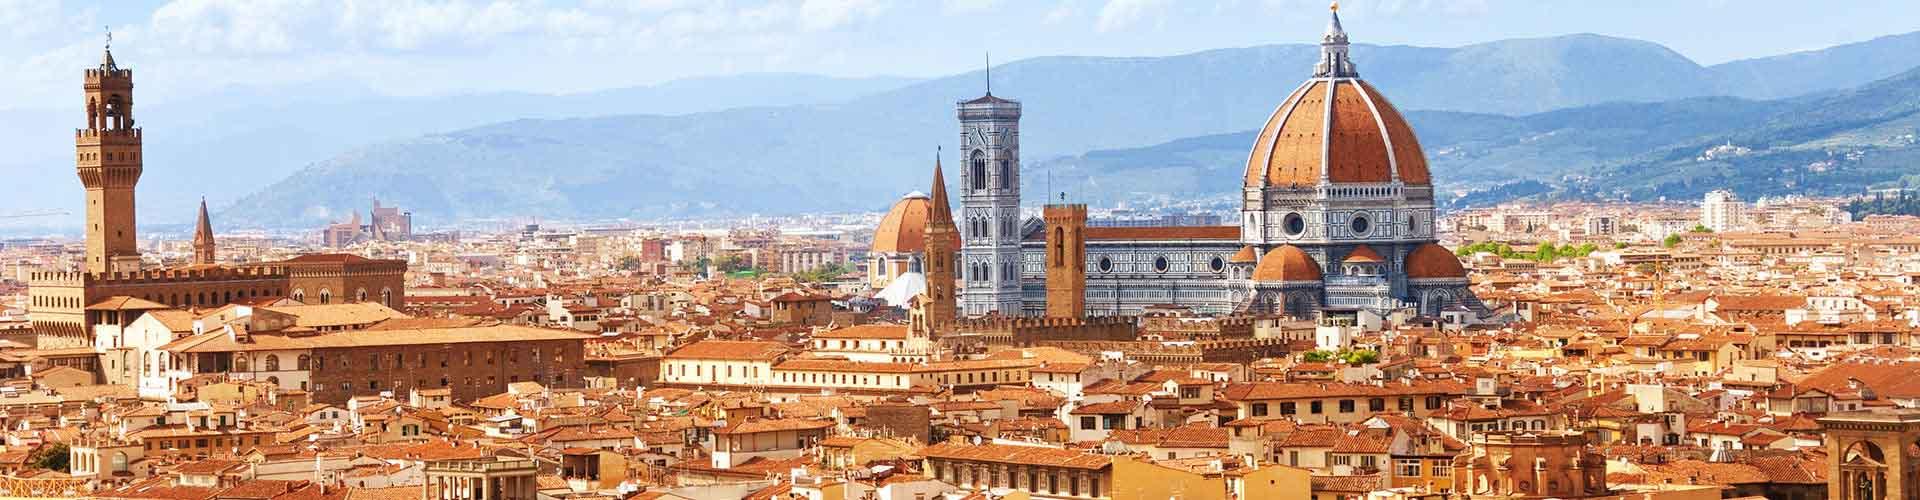 Firenze – Ostelli a Firenze. Mappe per Firenze, Foto e  Recensioni per ogni Ostello a Firenze.